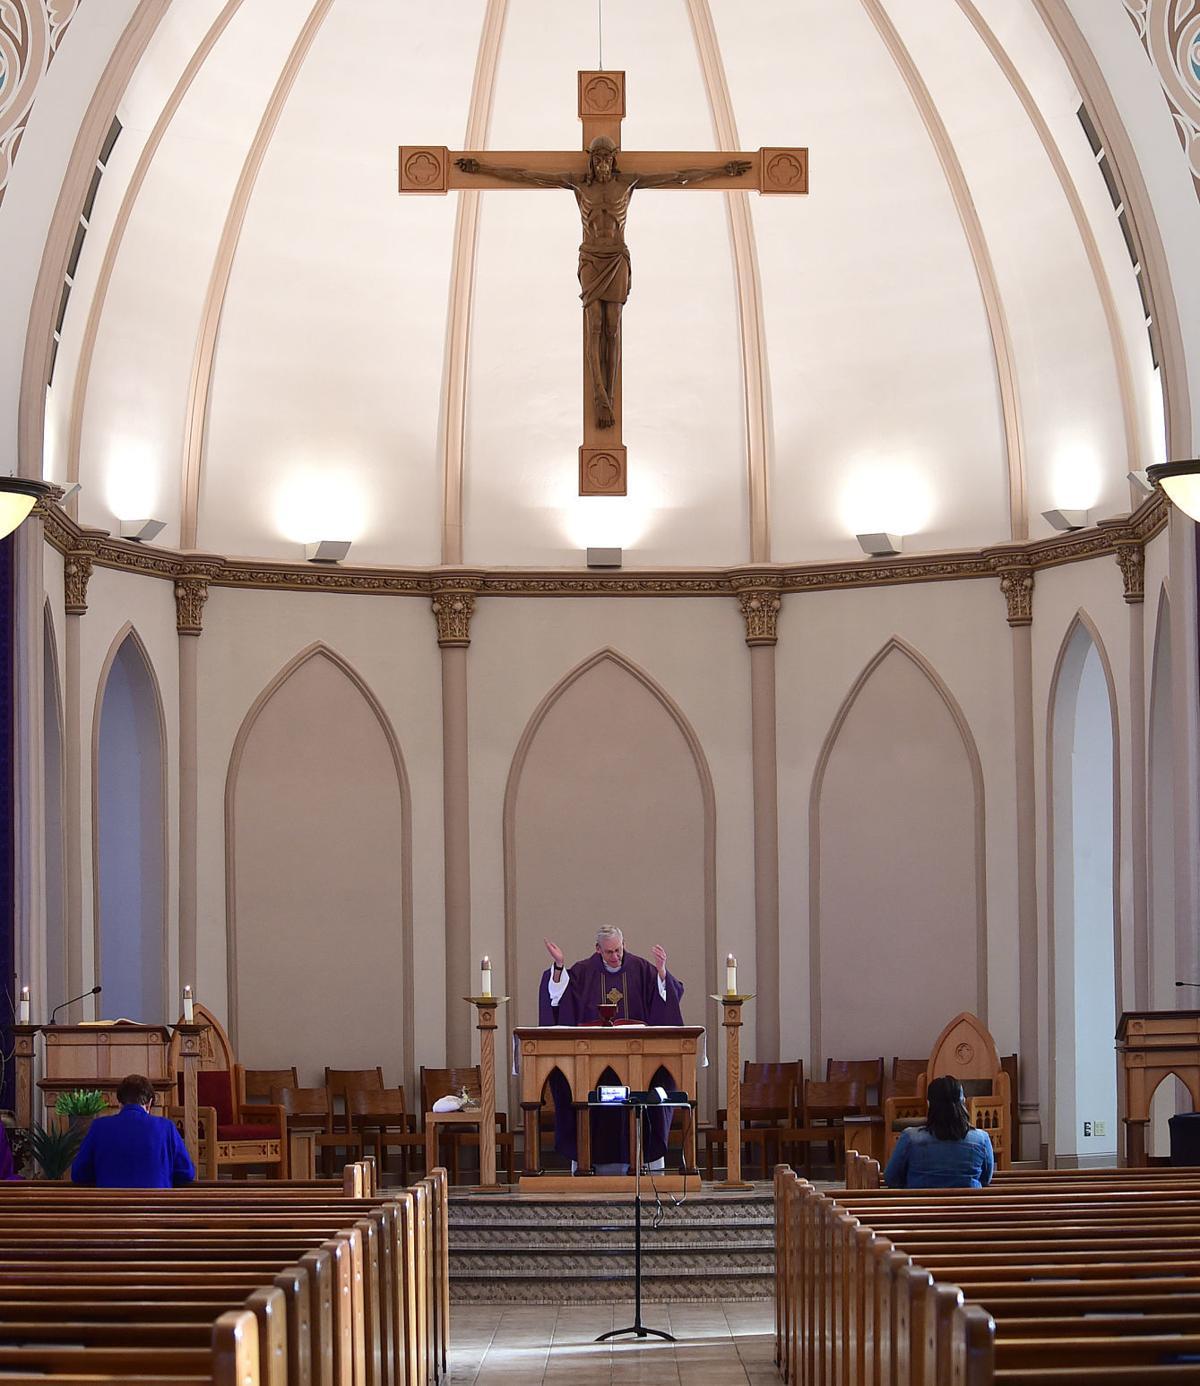 St. Patrick Mass